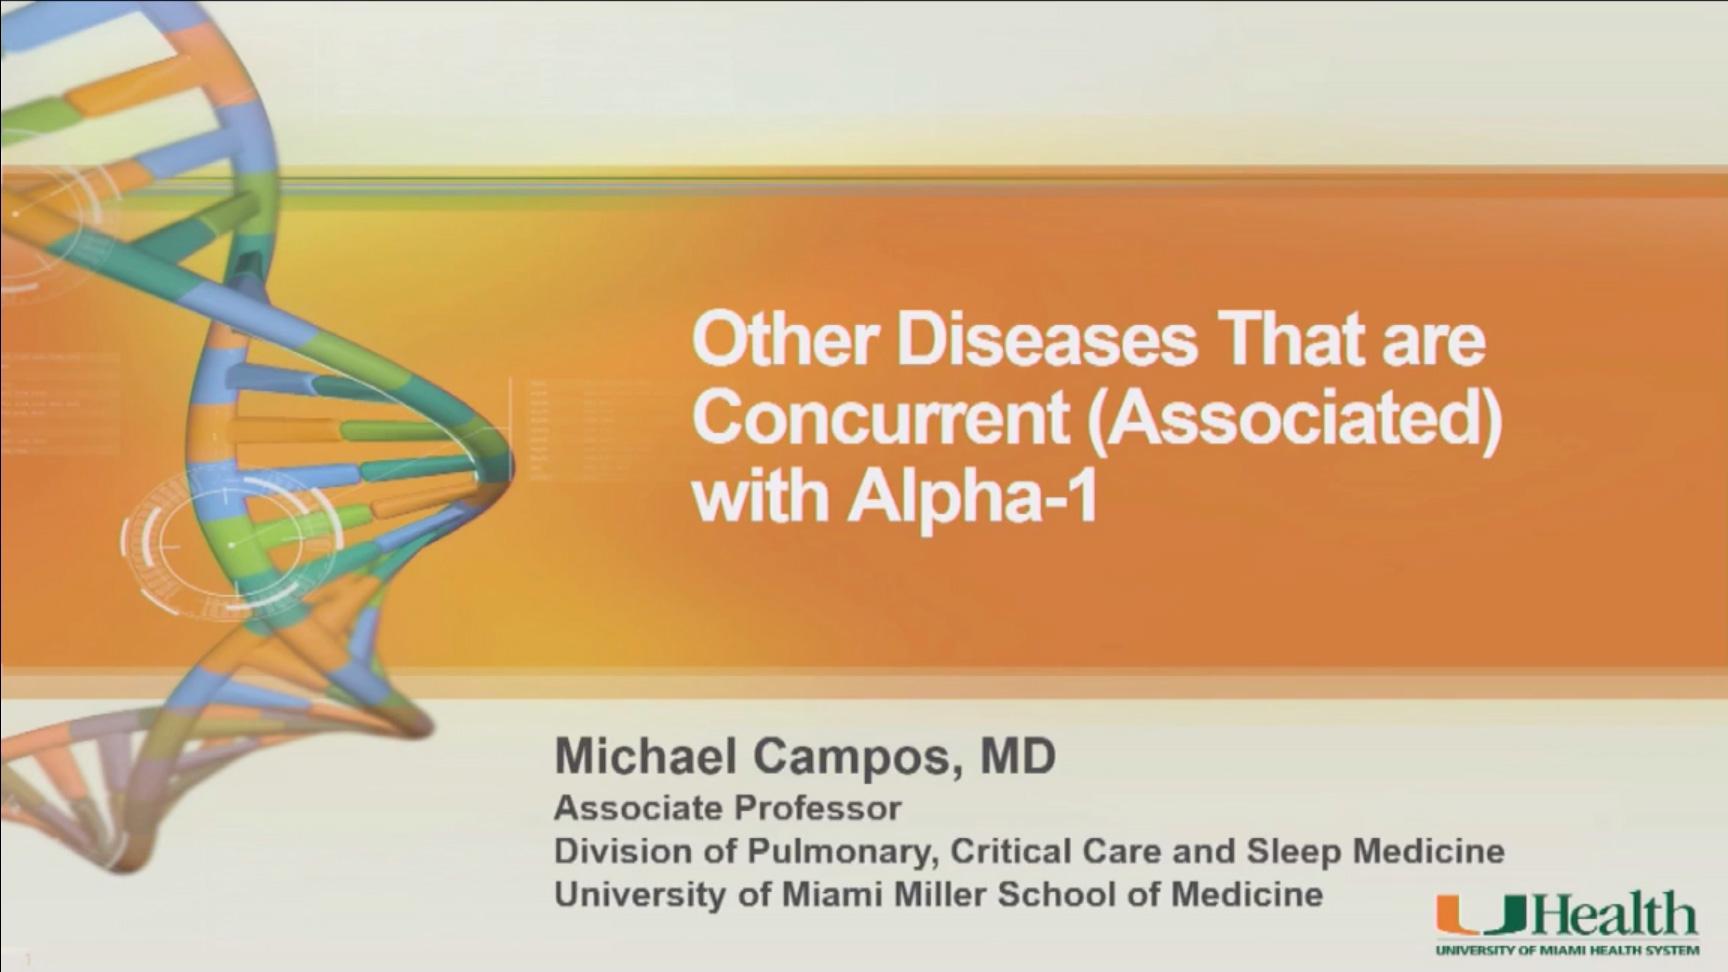 Concurrent Diseases